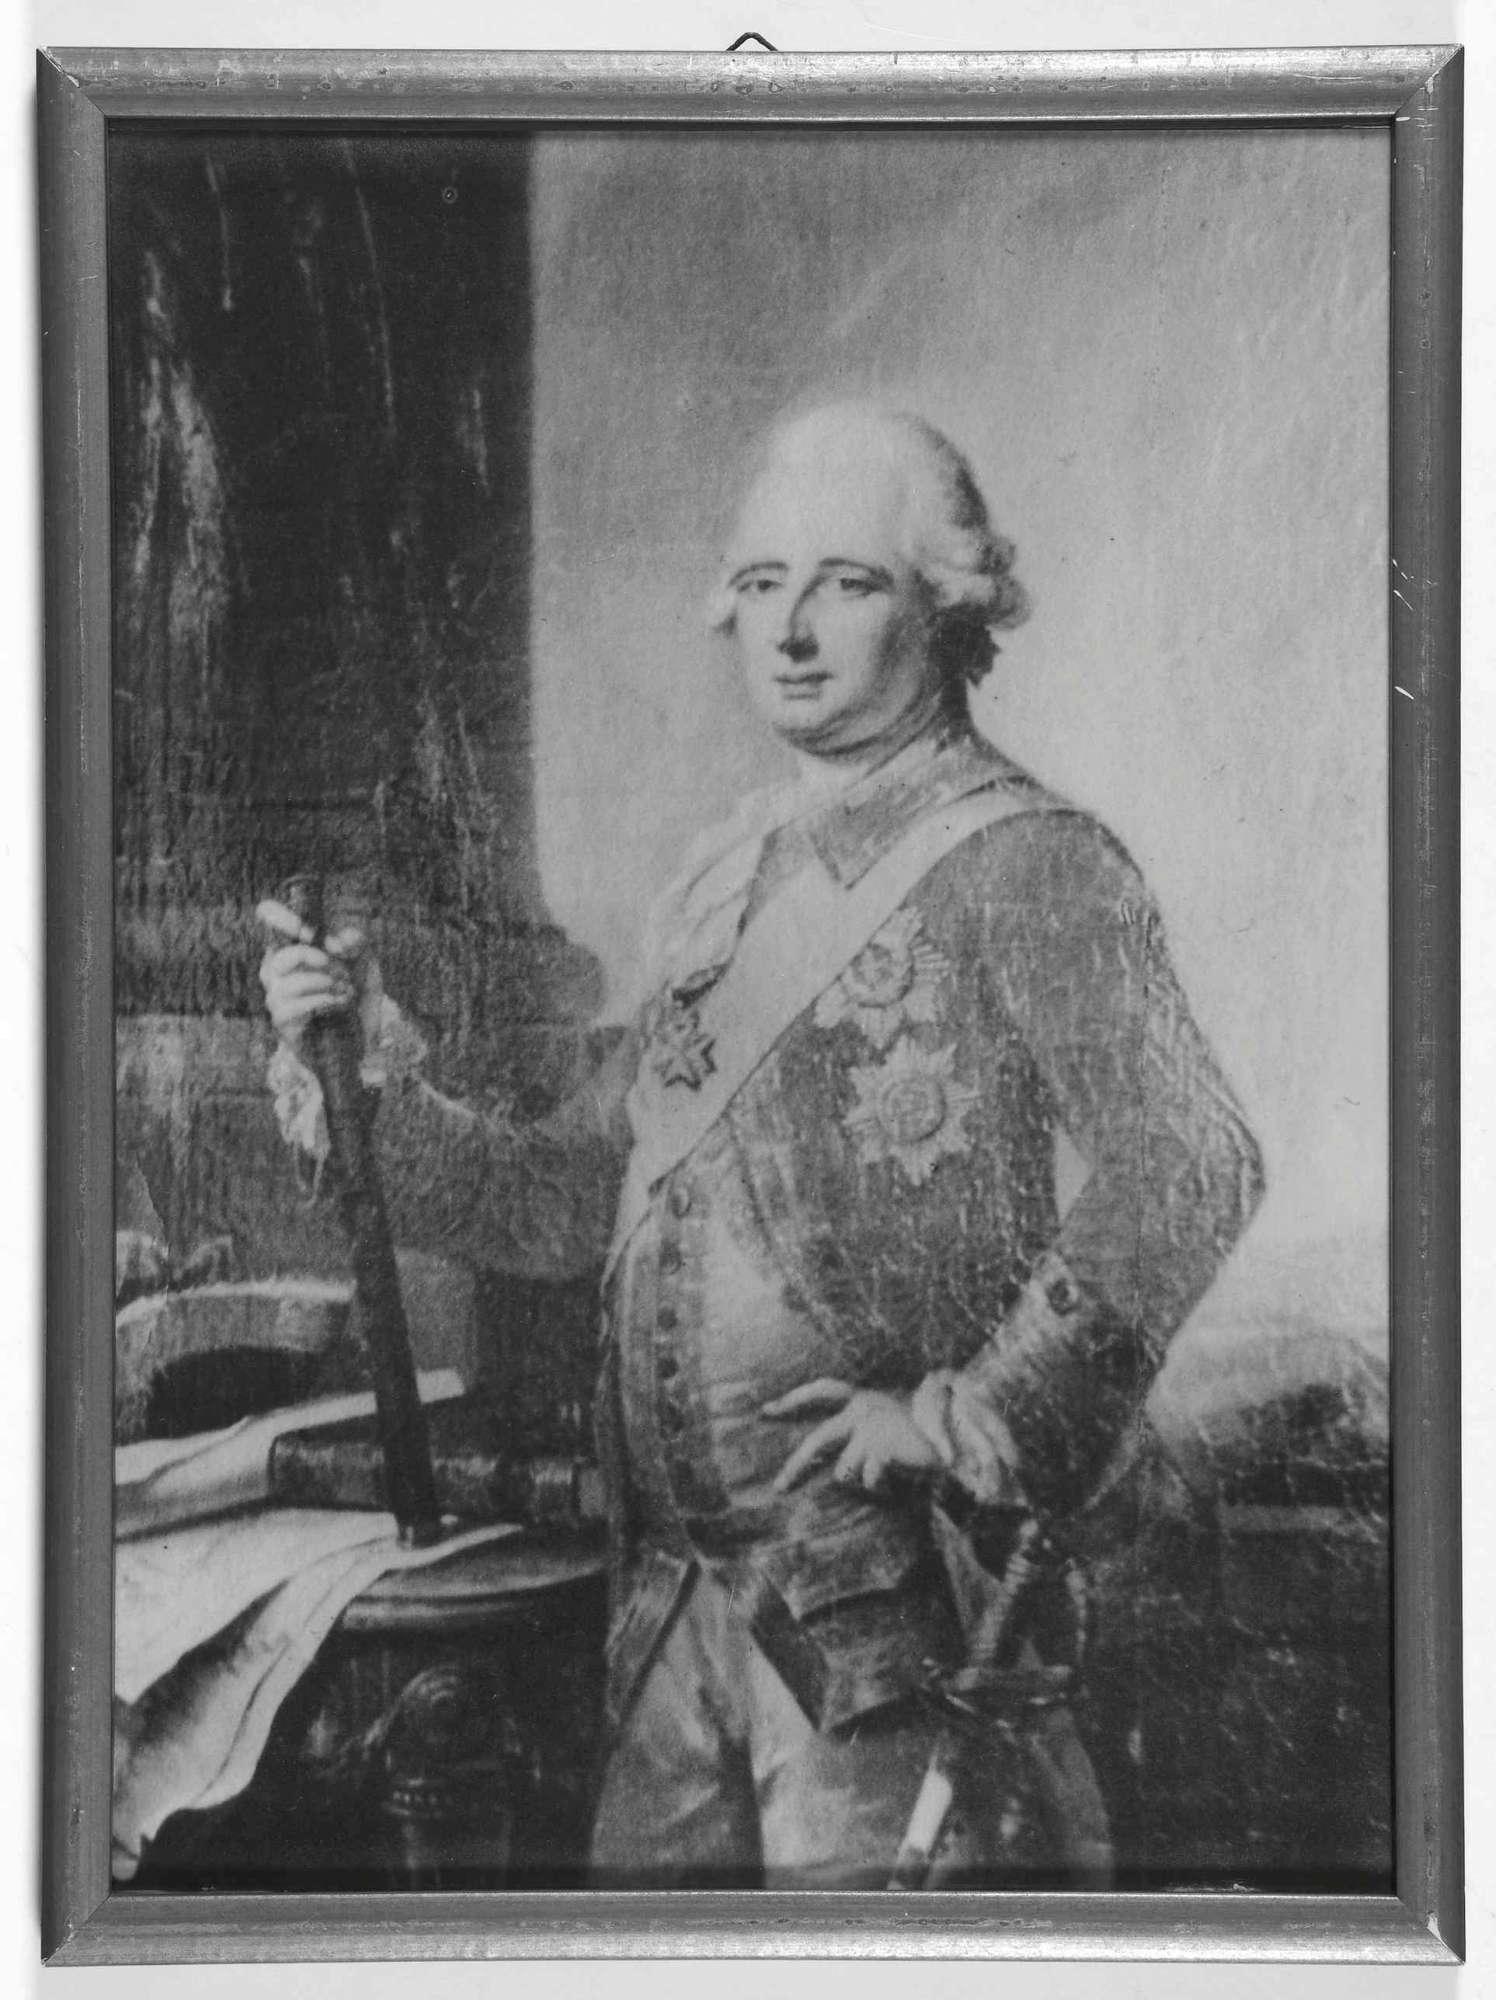 Herzog Wilhelm von Württemberg, Kriegsminister von 1806-1816 in Uniform, Schärpe und Orden eines Feldmarschalls, Bild in Halbprofil, Bild 1